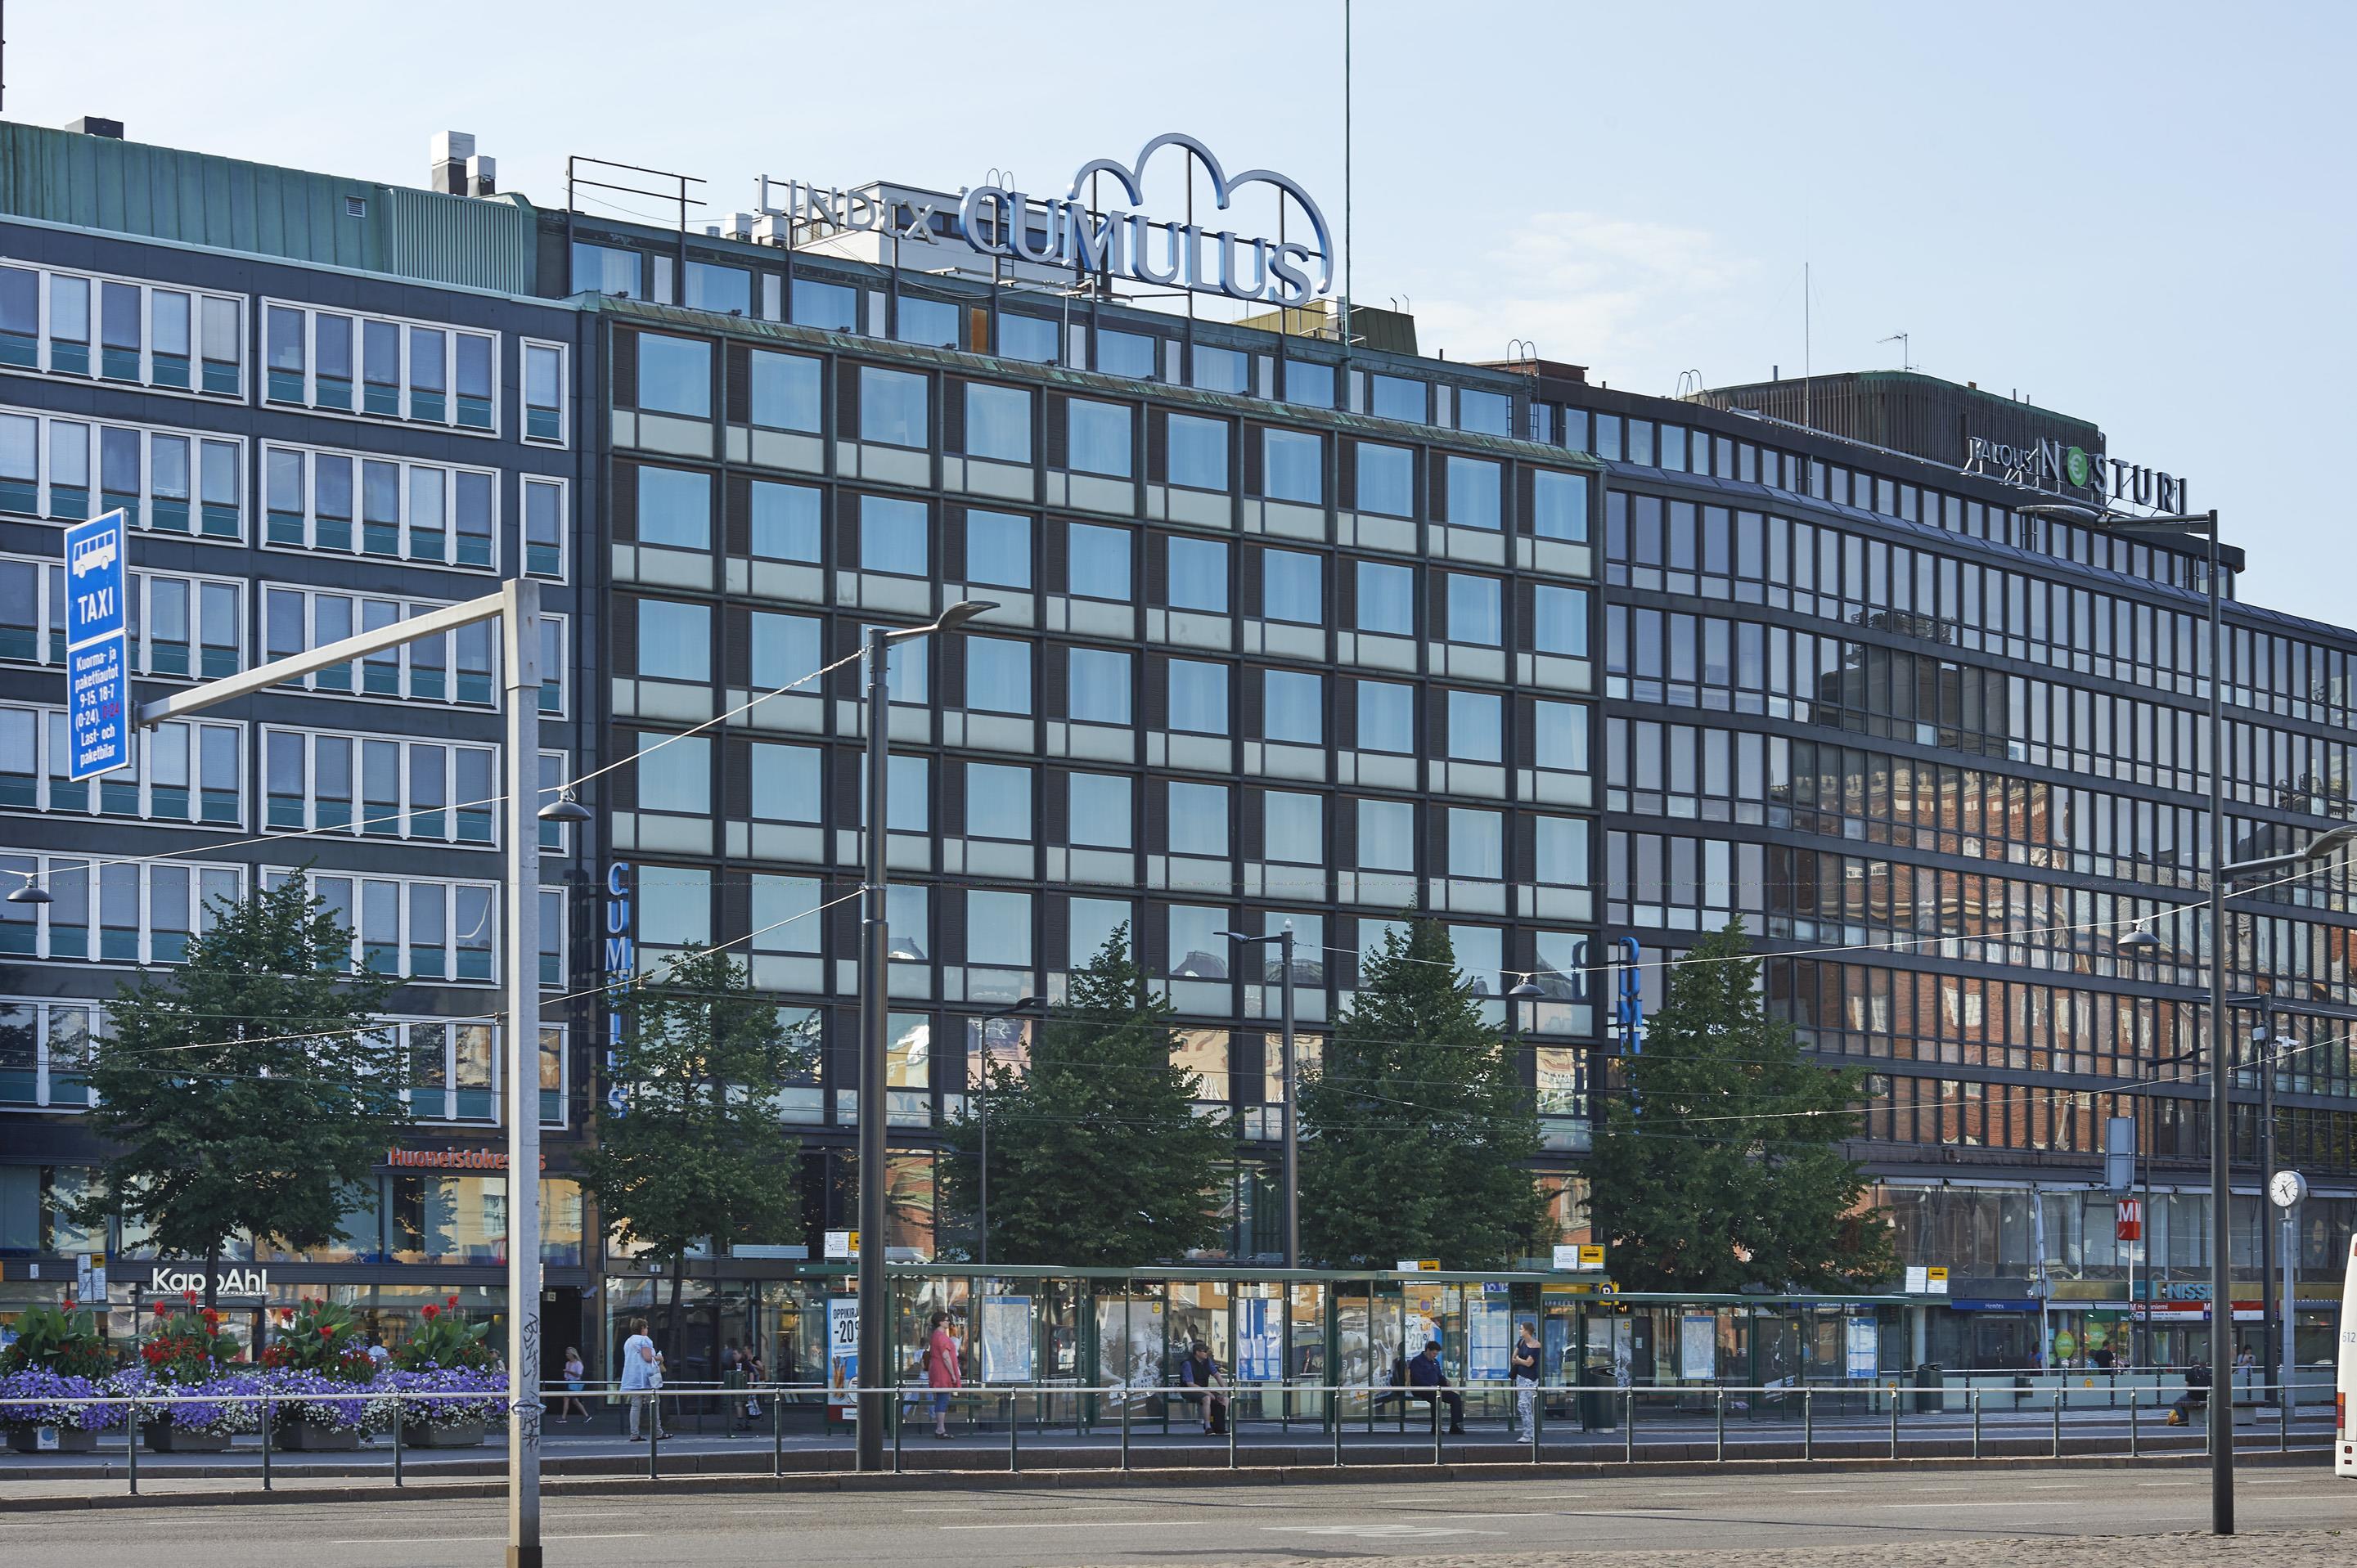 Et af de mange hoteller i Cumulus-kæden, som Scandic har overtaget i Finland, er Cumulus City Hakaniemi Helsinki i den finske hovedstad, hotellet er nu omdøbt til Scandic Hakaniemi. Foto: Scandic Hotels.